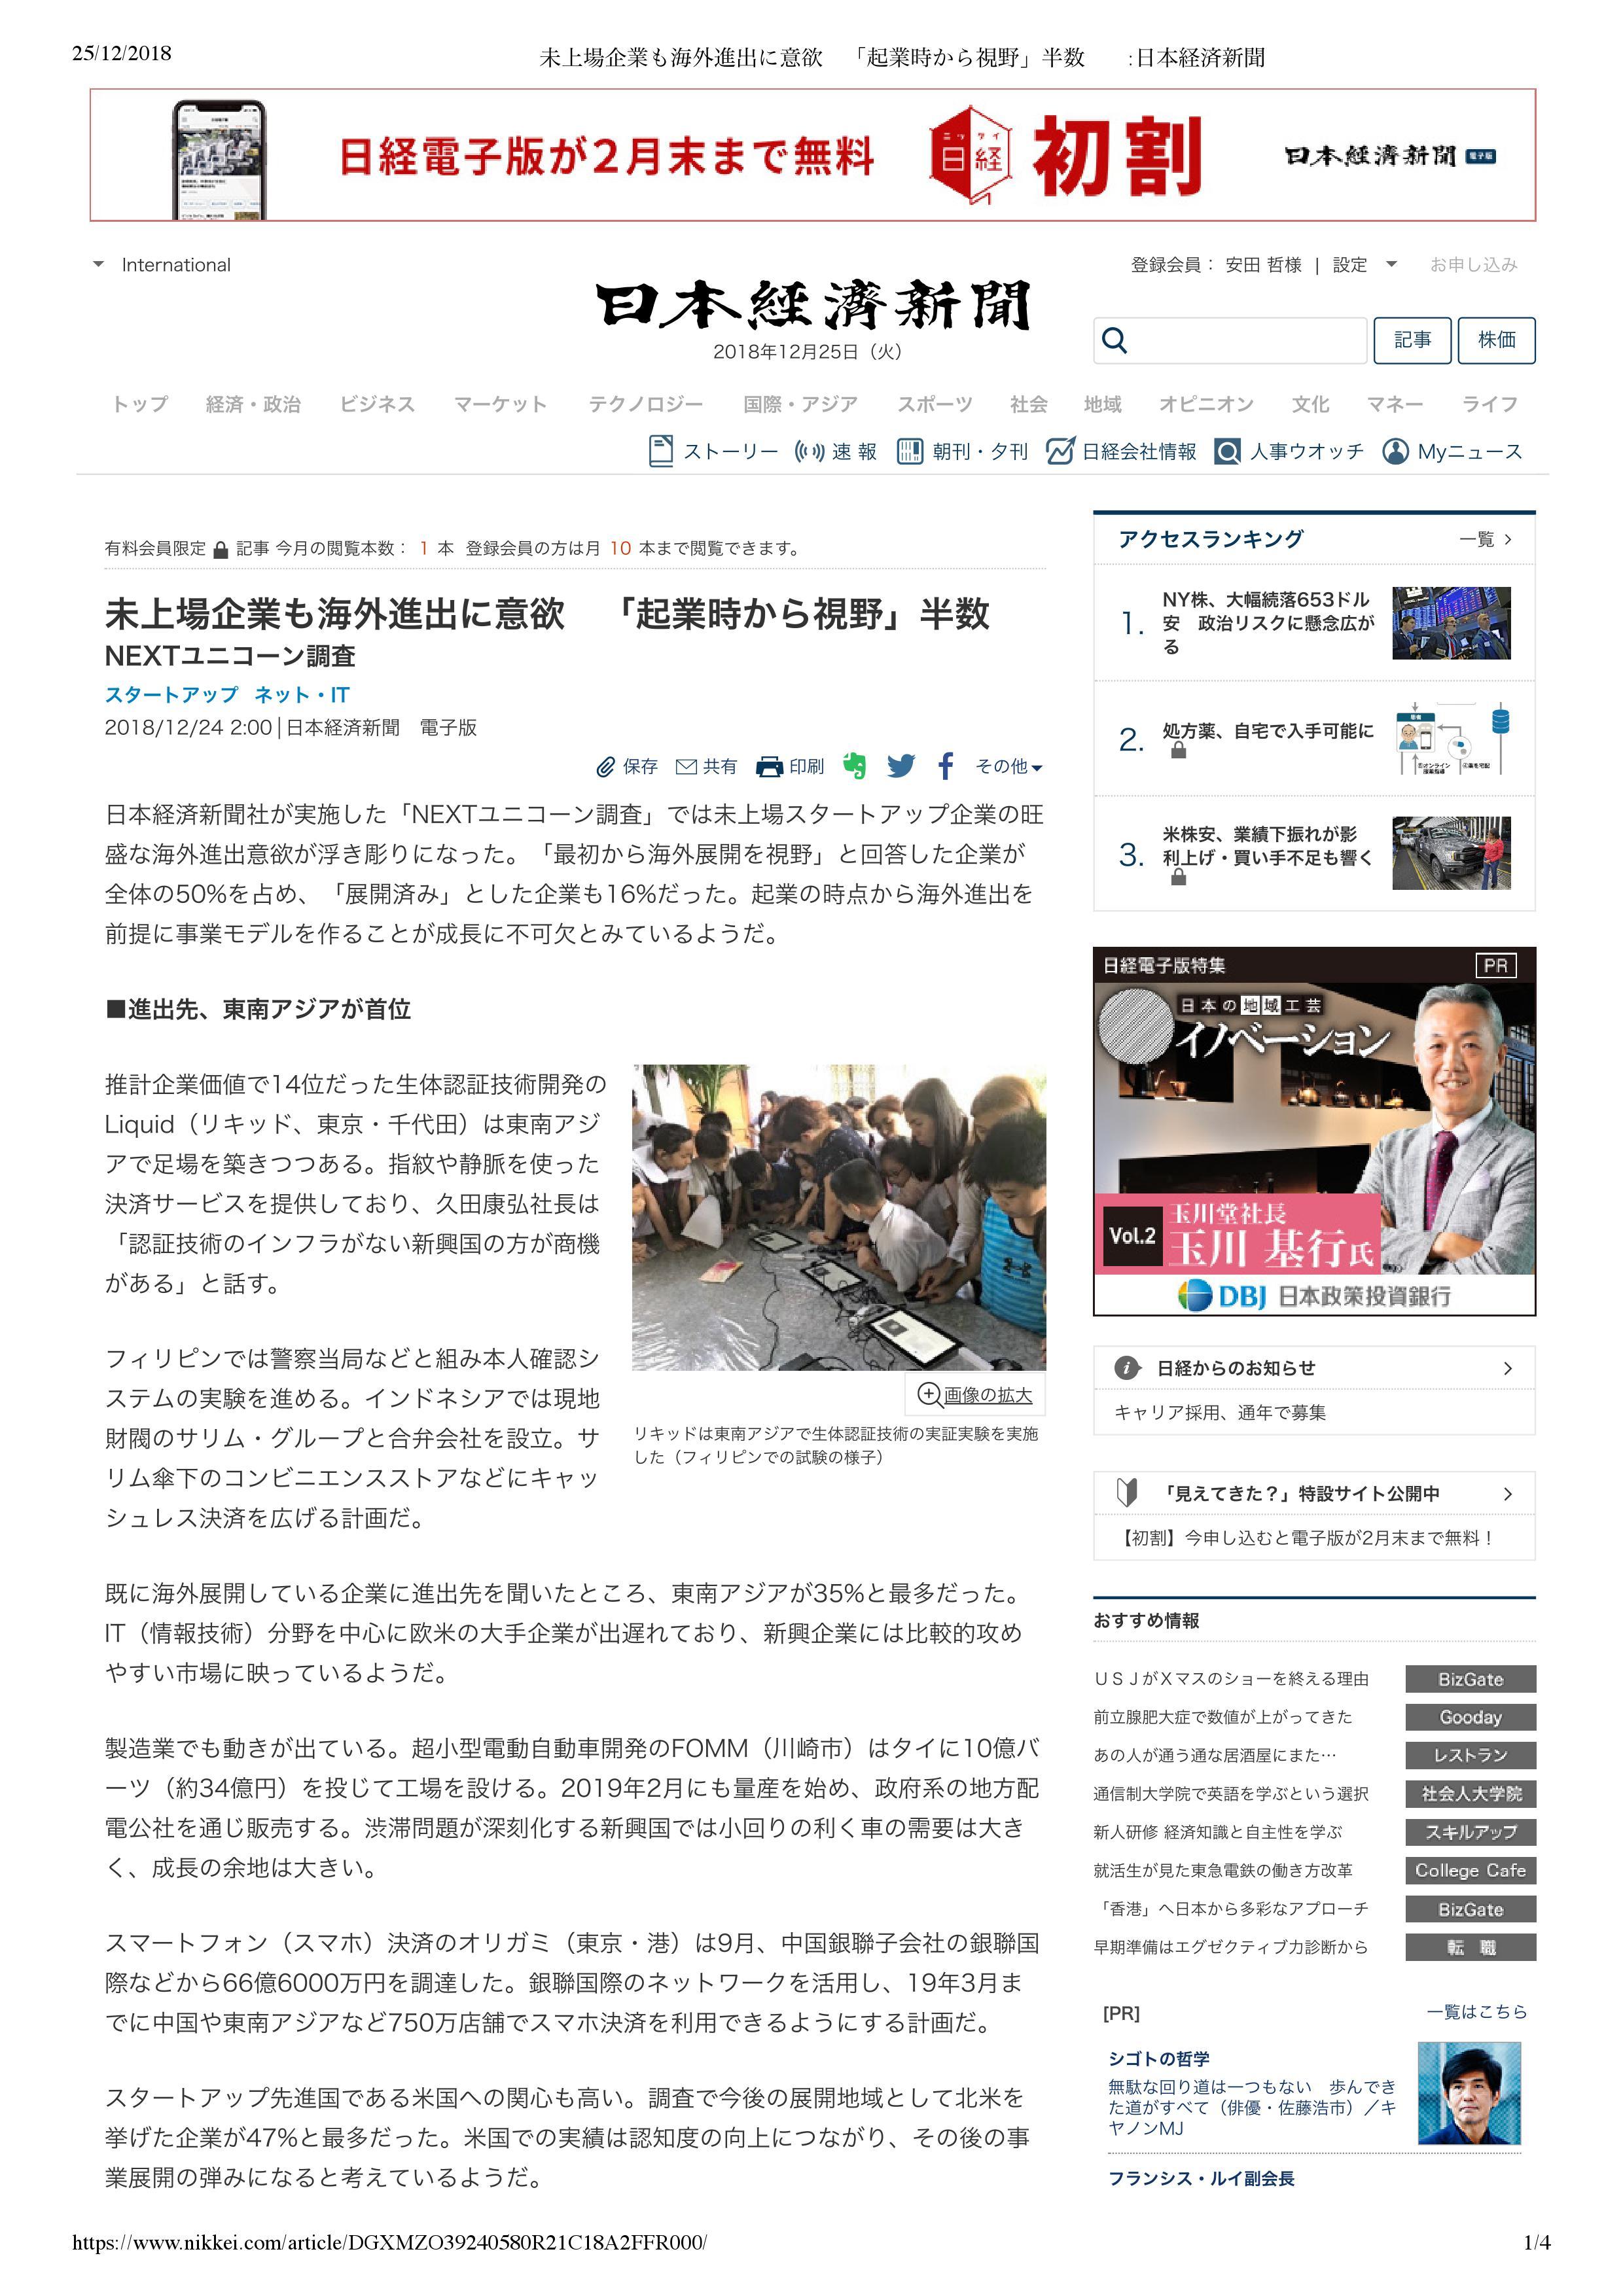 日本経済新聞を読んでの所感 (未上場企業も海外進出に意欲「起業時から視野」半数)